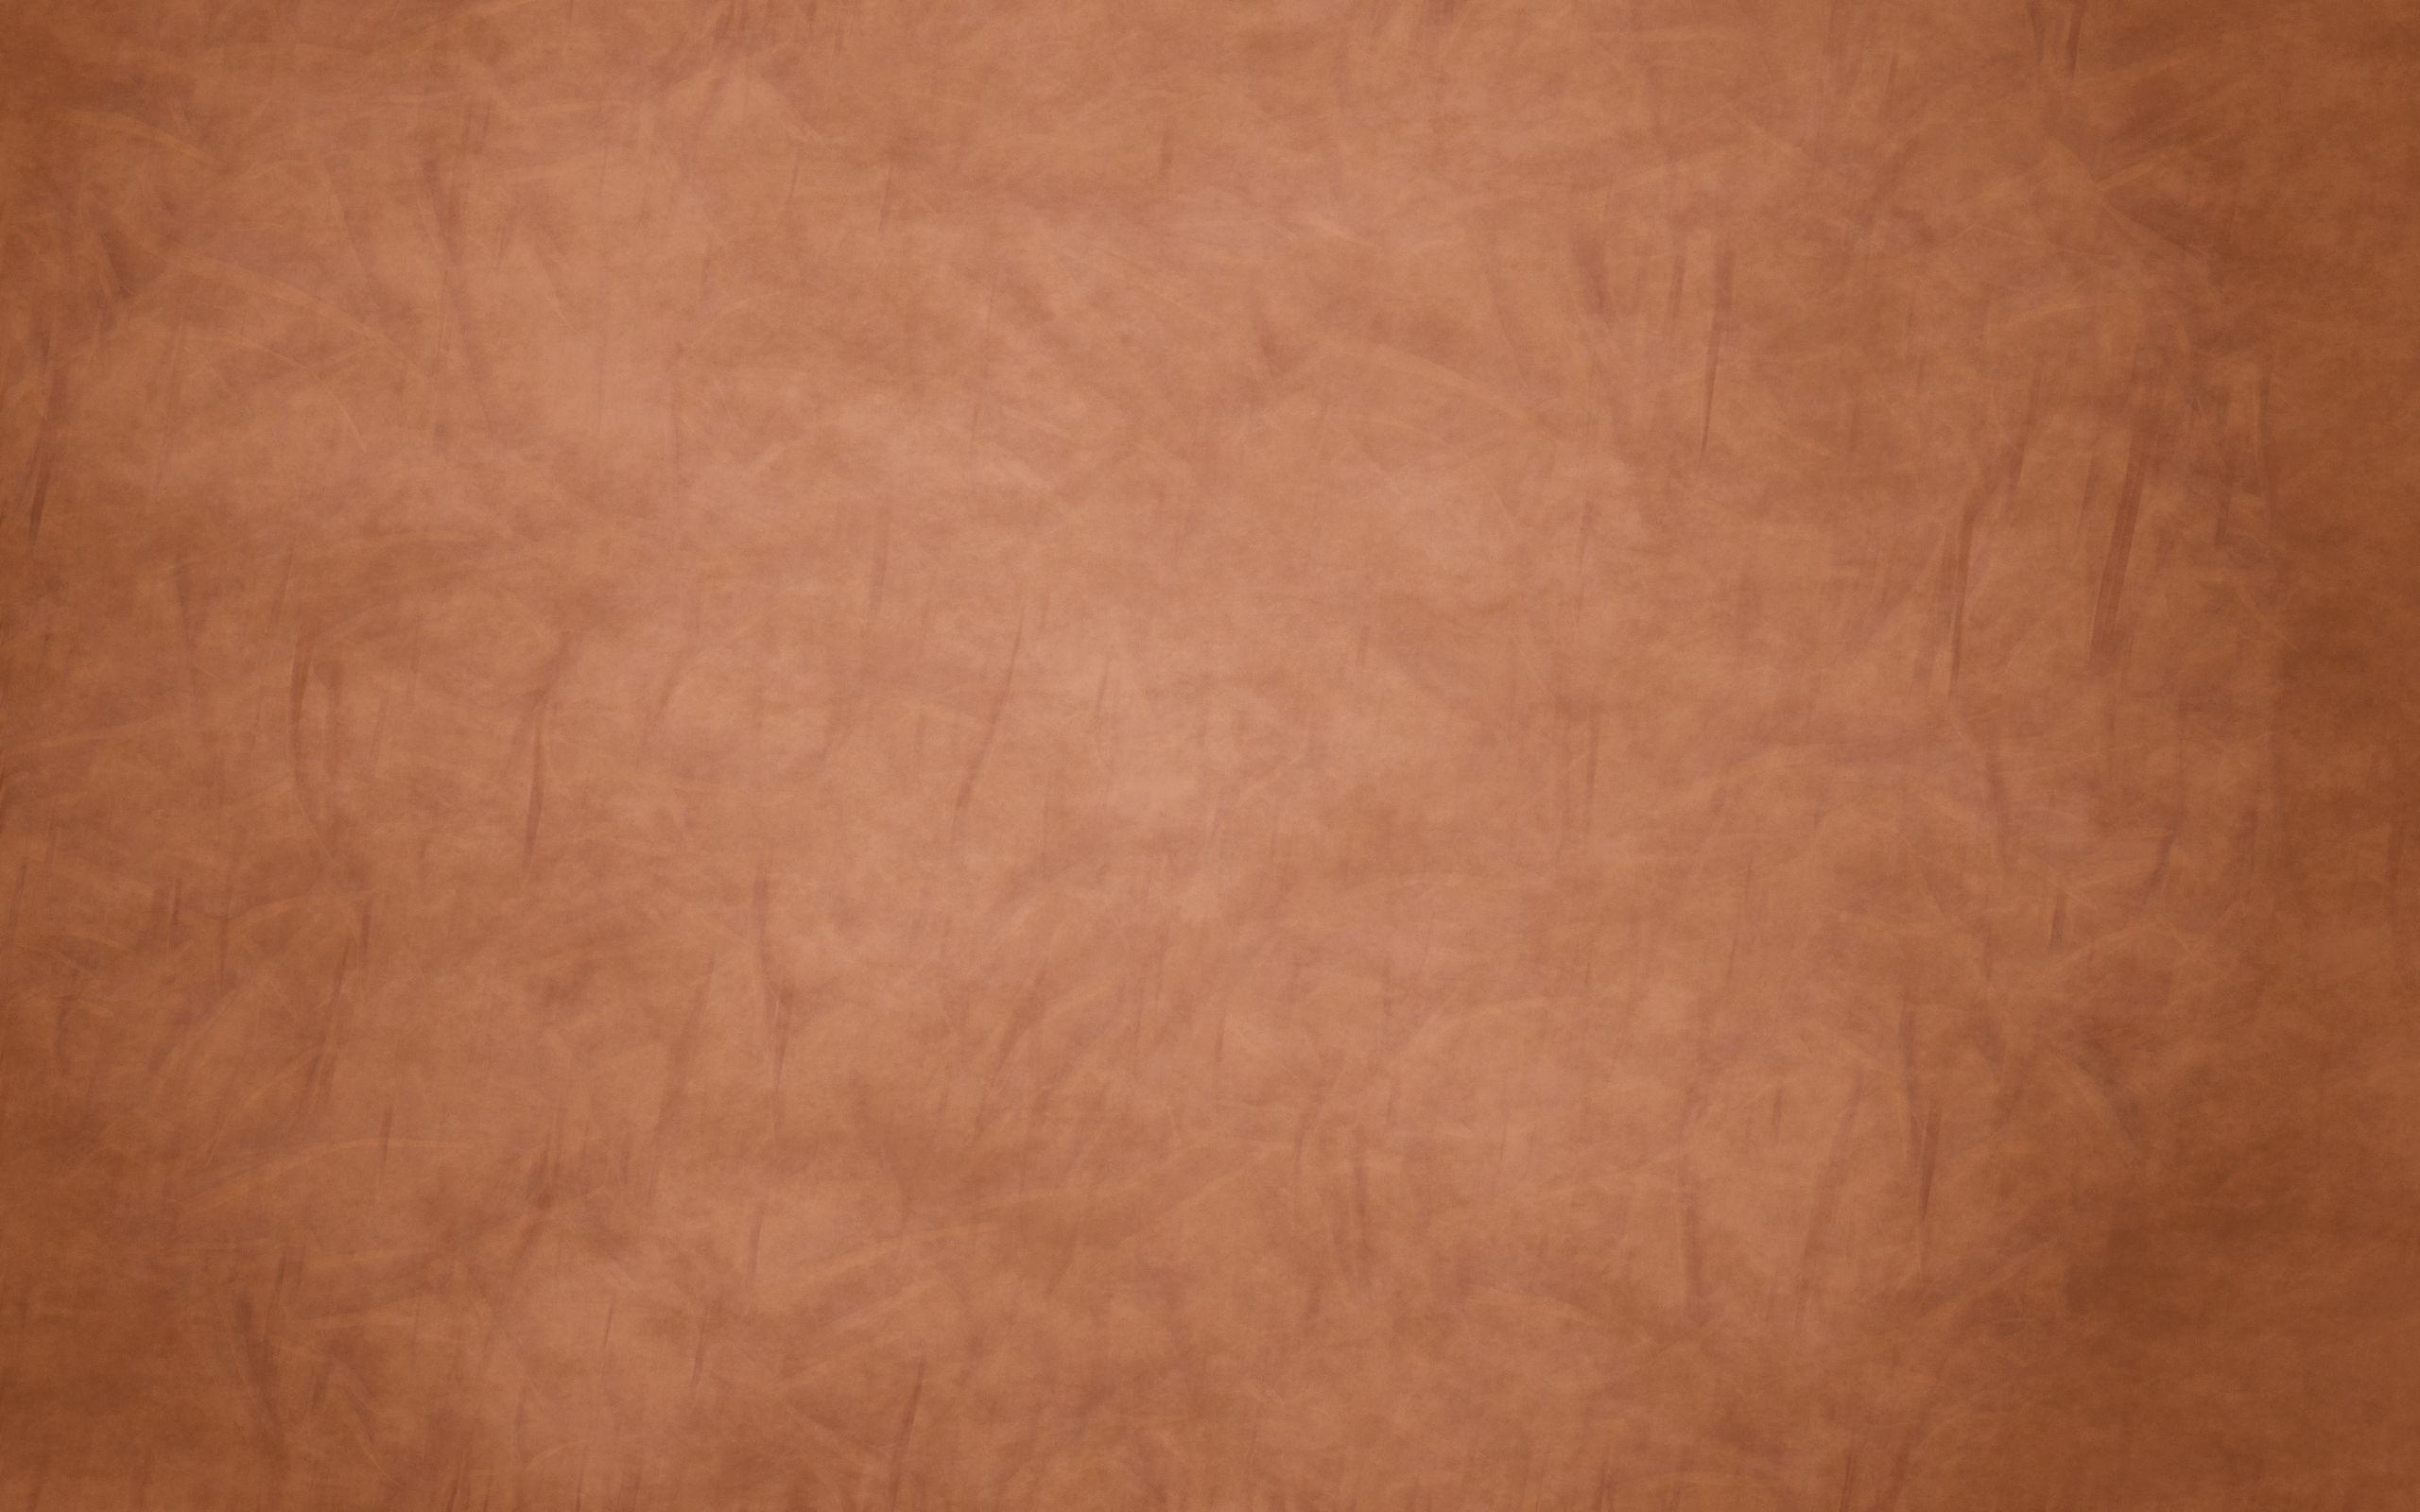 blurry_grass_orange